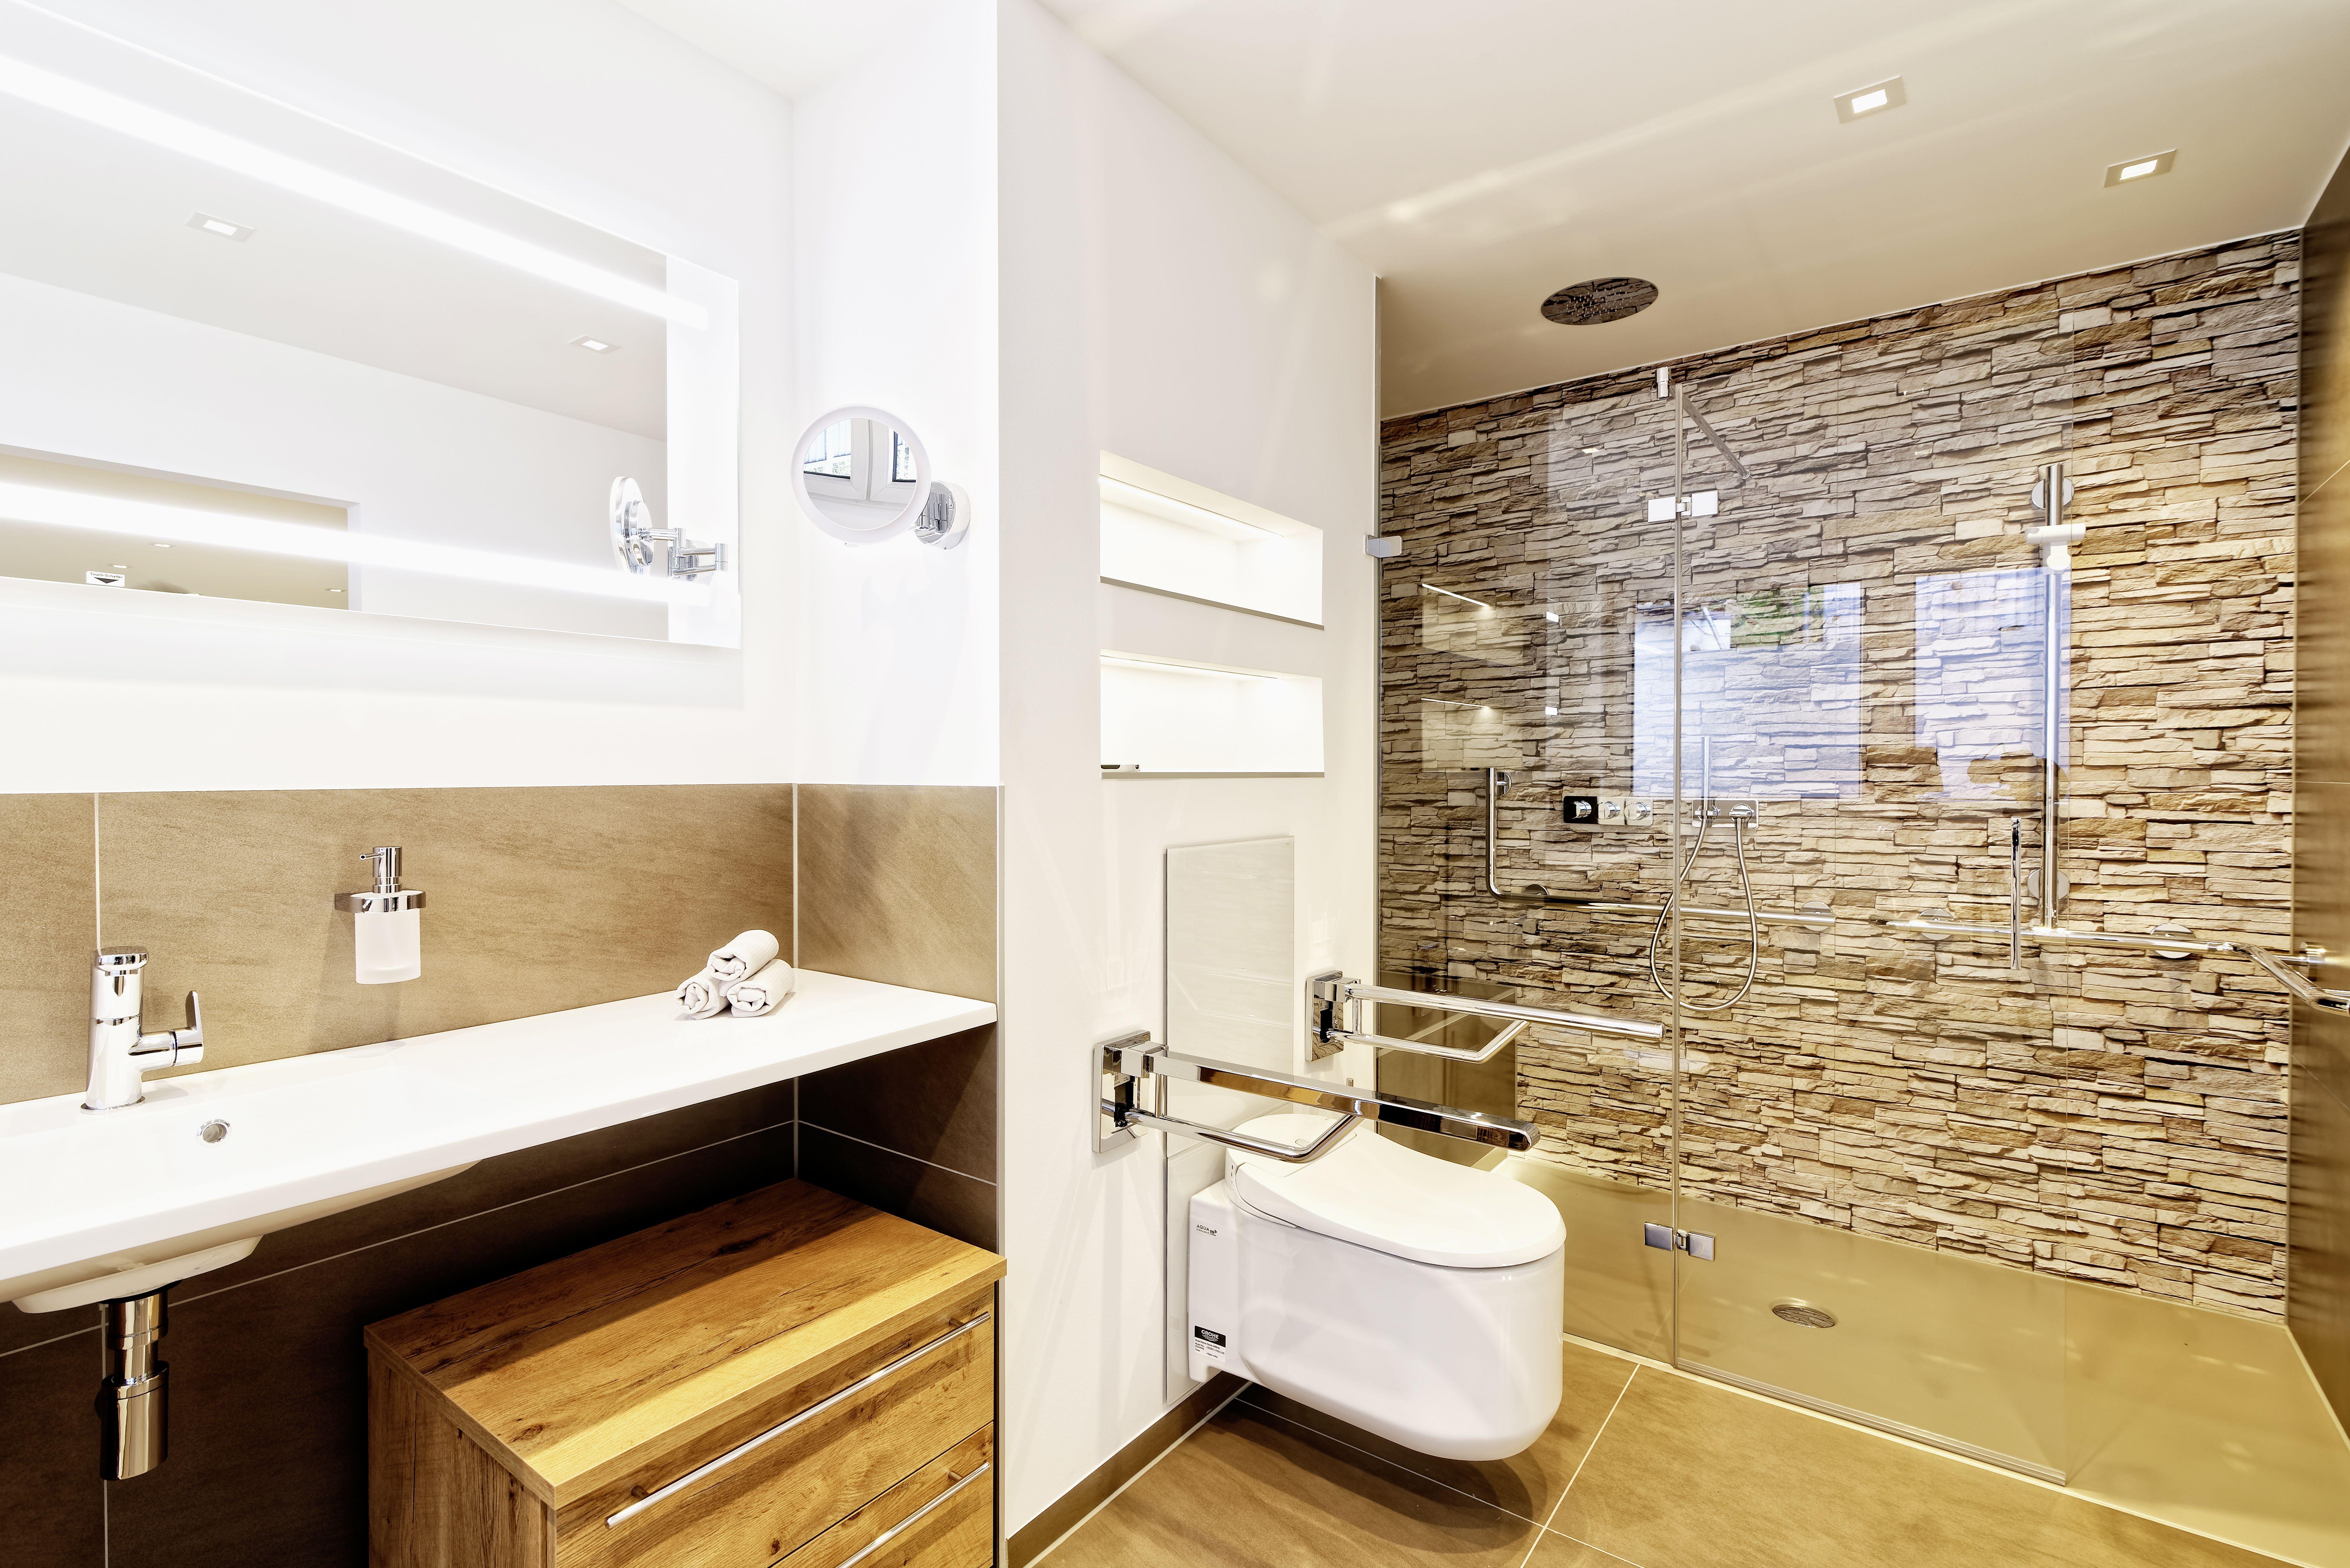 Badverkauf So Fuhrt Eine Gelungene Prasentation Zum Erfolg Mit Bildern Bad Design Bad Bodengestaltung